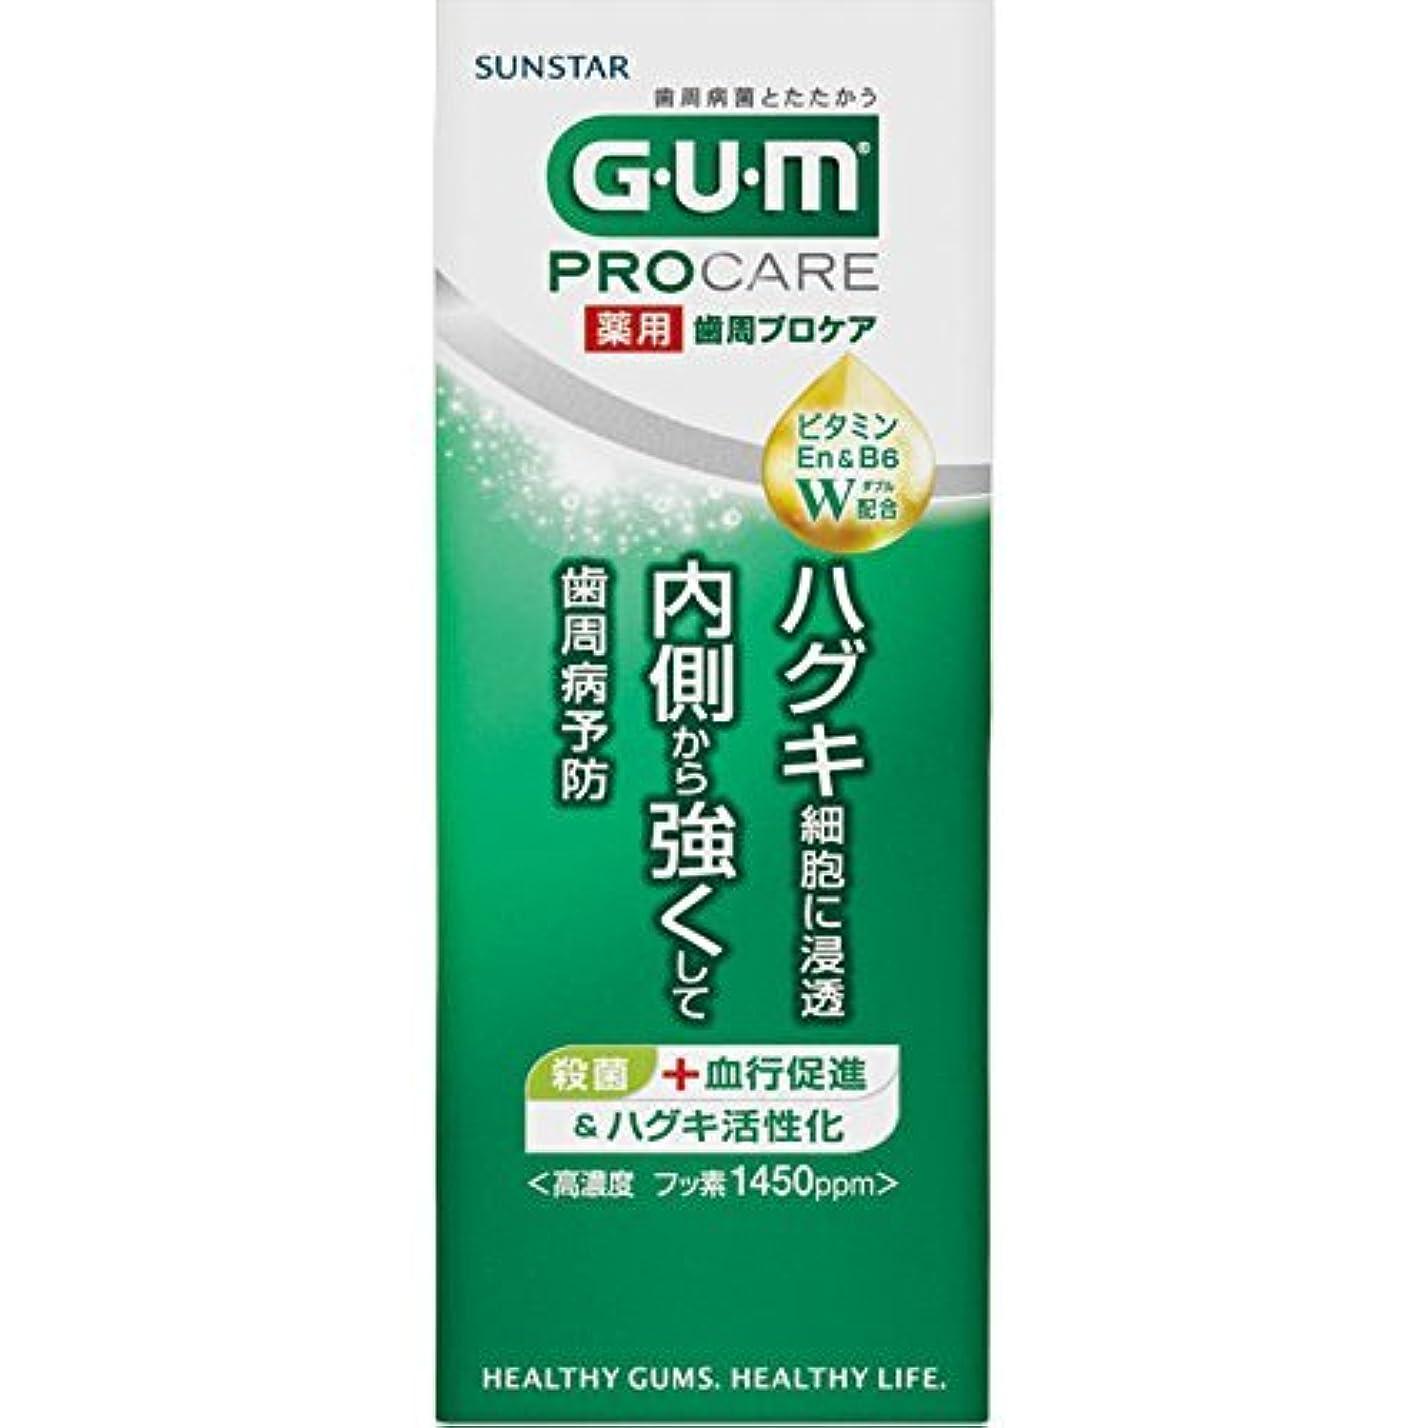 皮肉なドラフト千[医薬部外品] GUM(ガム) 歯周プロケア 歯みがき ミニサイズ トライアル 50g <歯周病予防 ハグキケア 高濃度フッ素配合 1450ppm>